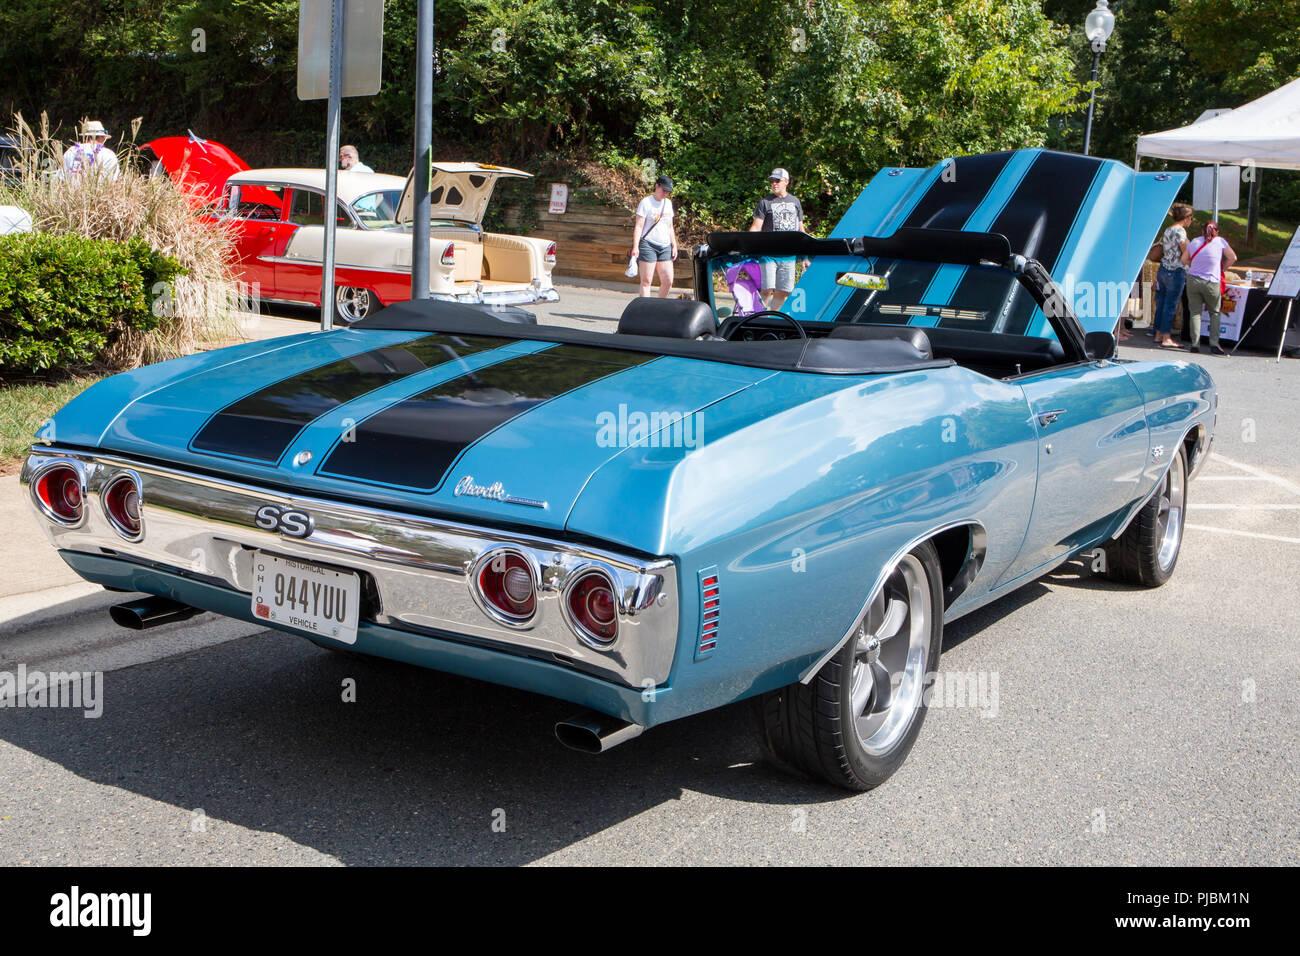 2018 Chevelle Ss >> Matthews Nc Usa September 3 2018 A 1971 Chevy